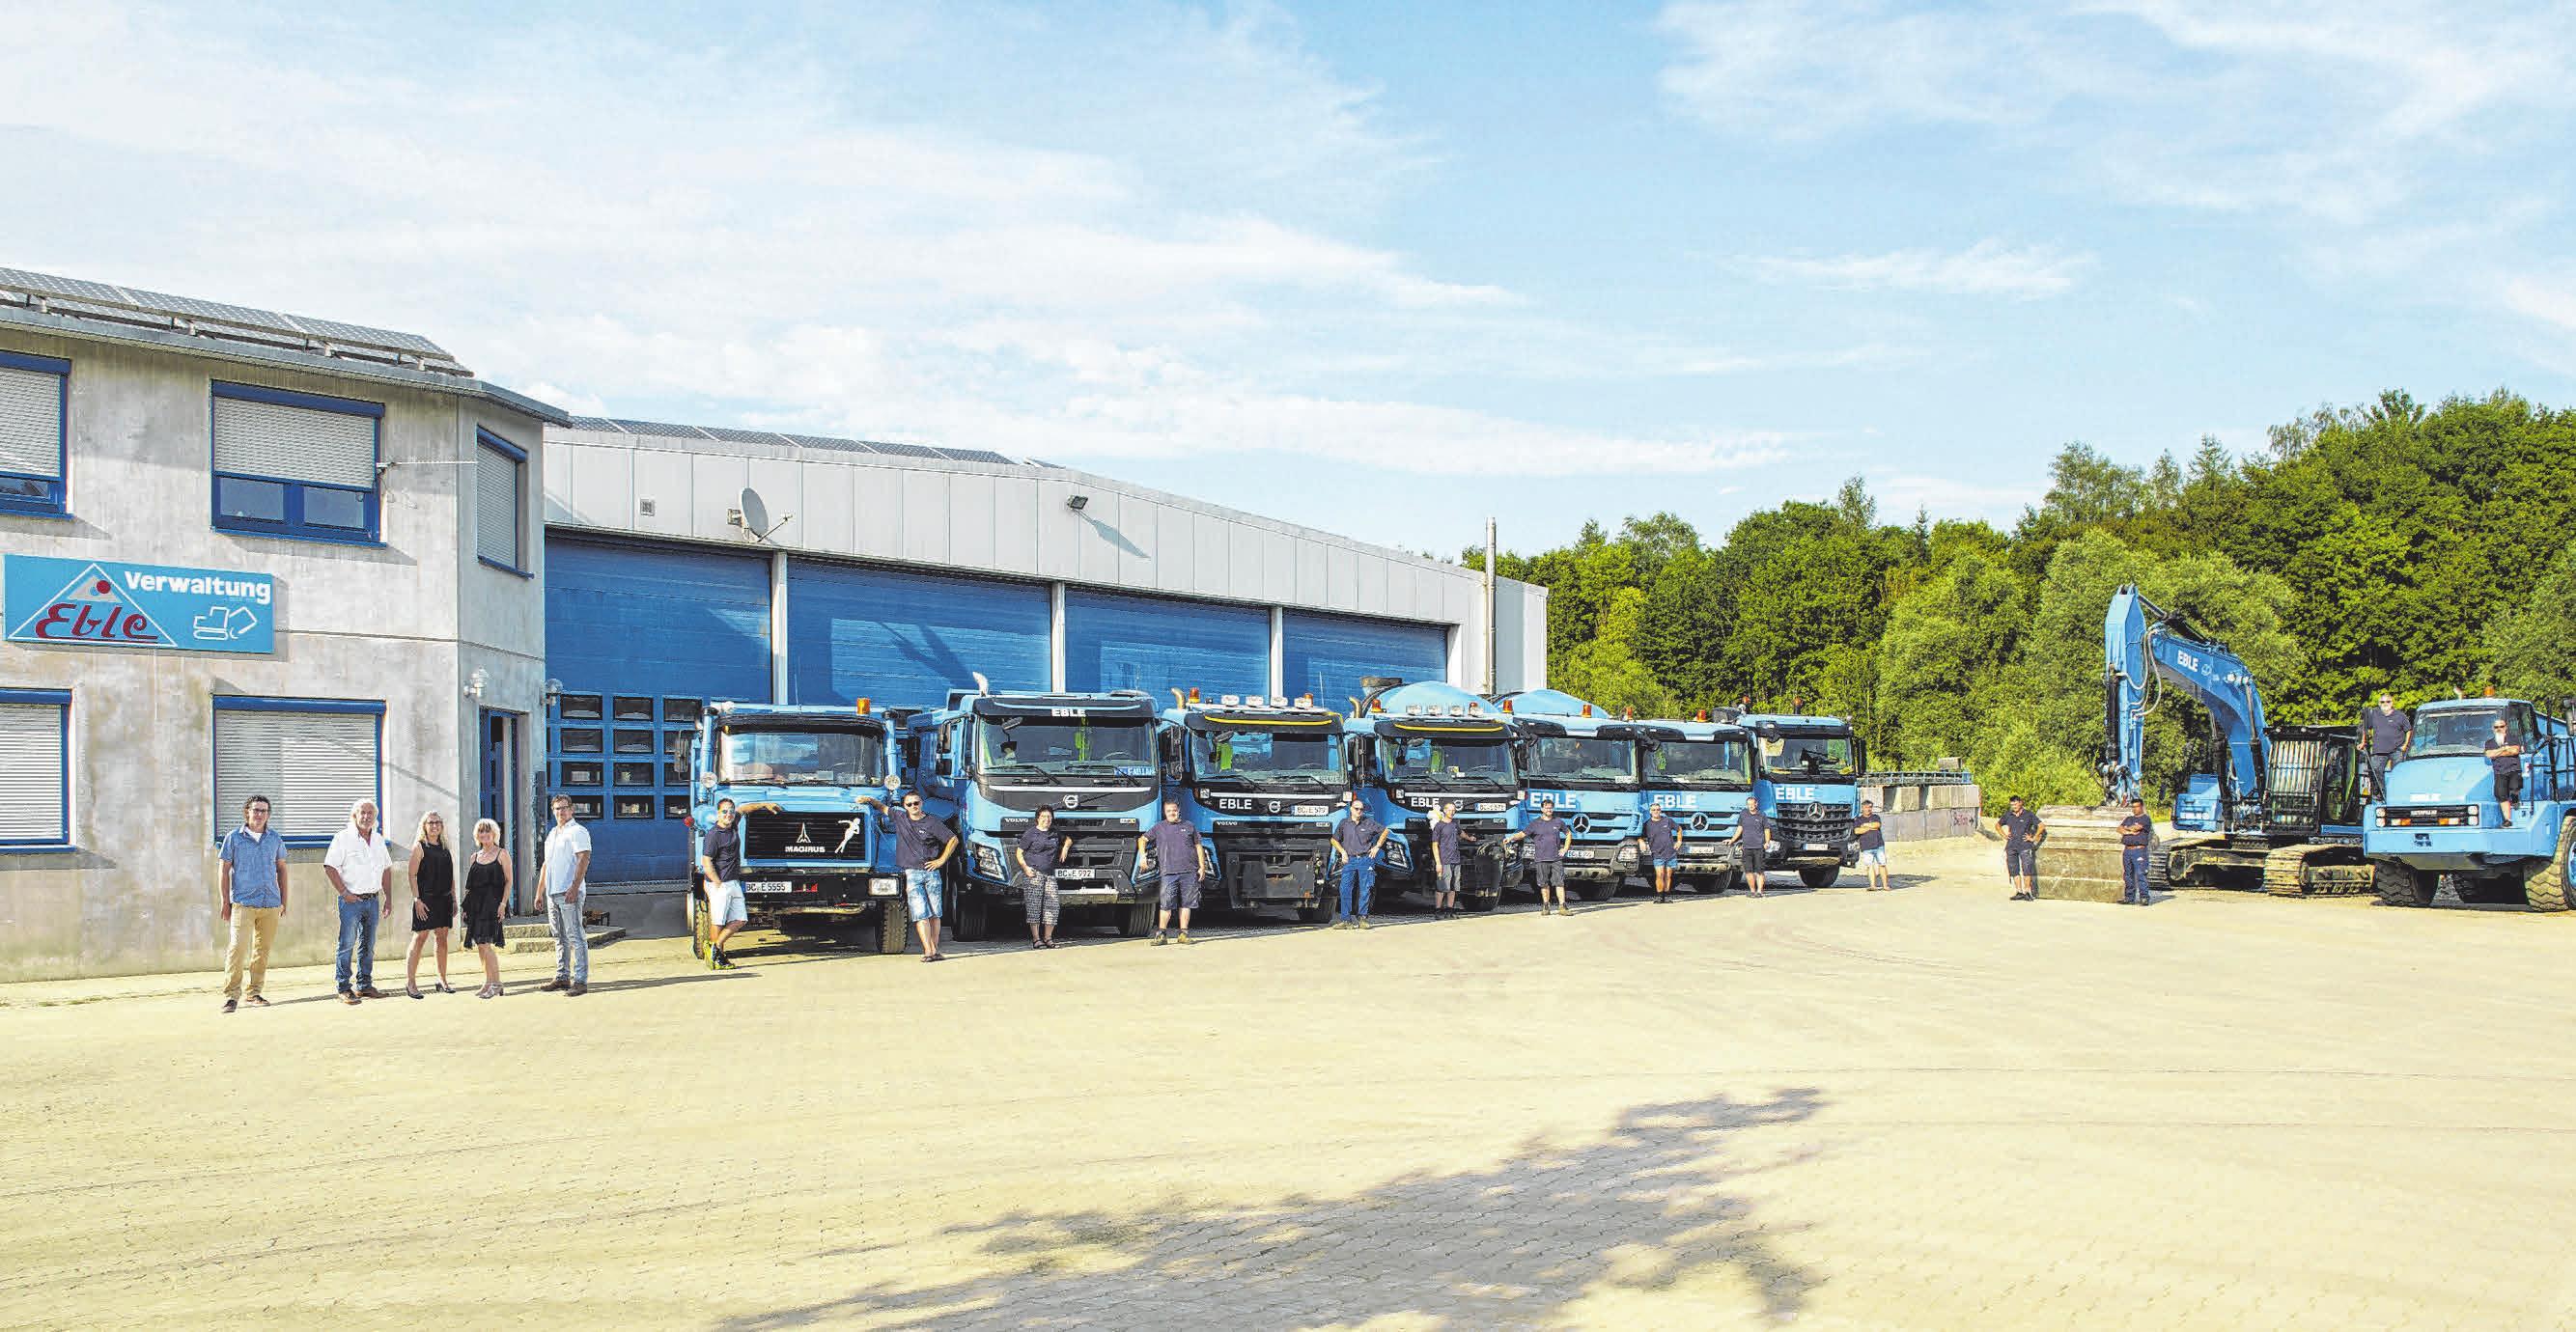 Die Familie Eble präsentiert sich mit ihren Mitarbeitern und ihrem Fuhrpark vor dem neuen Firmengebäude. FOTO: PRIVAT